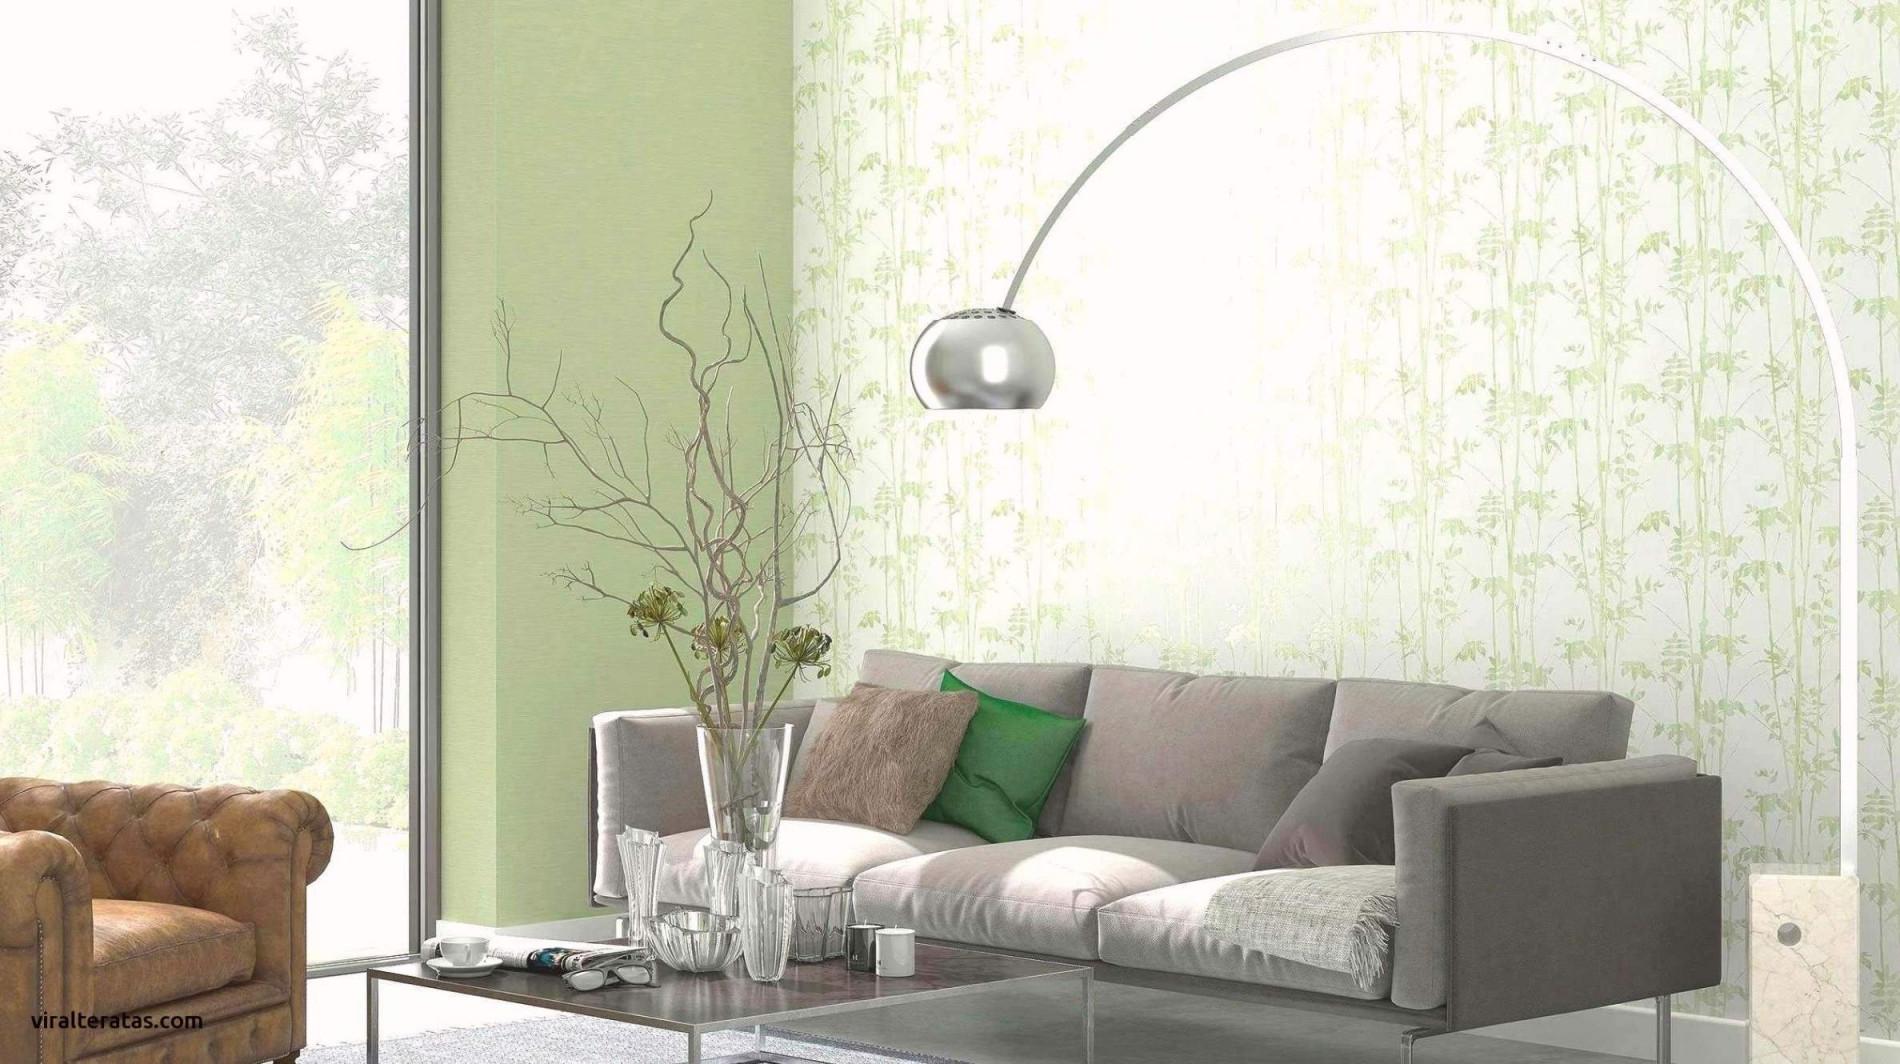 34 Schön Tapeten Wohnzimmer Obi Elegant  Wohnzimmer Frisch von Stylische Tapeten Wohnzimmer Bild